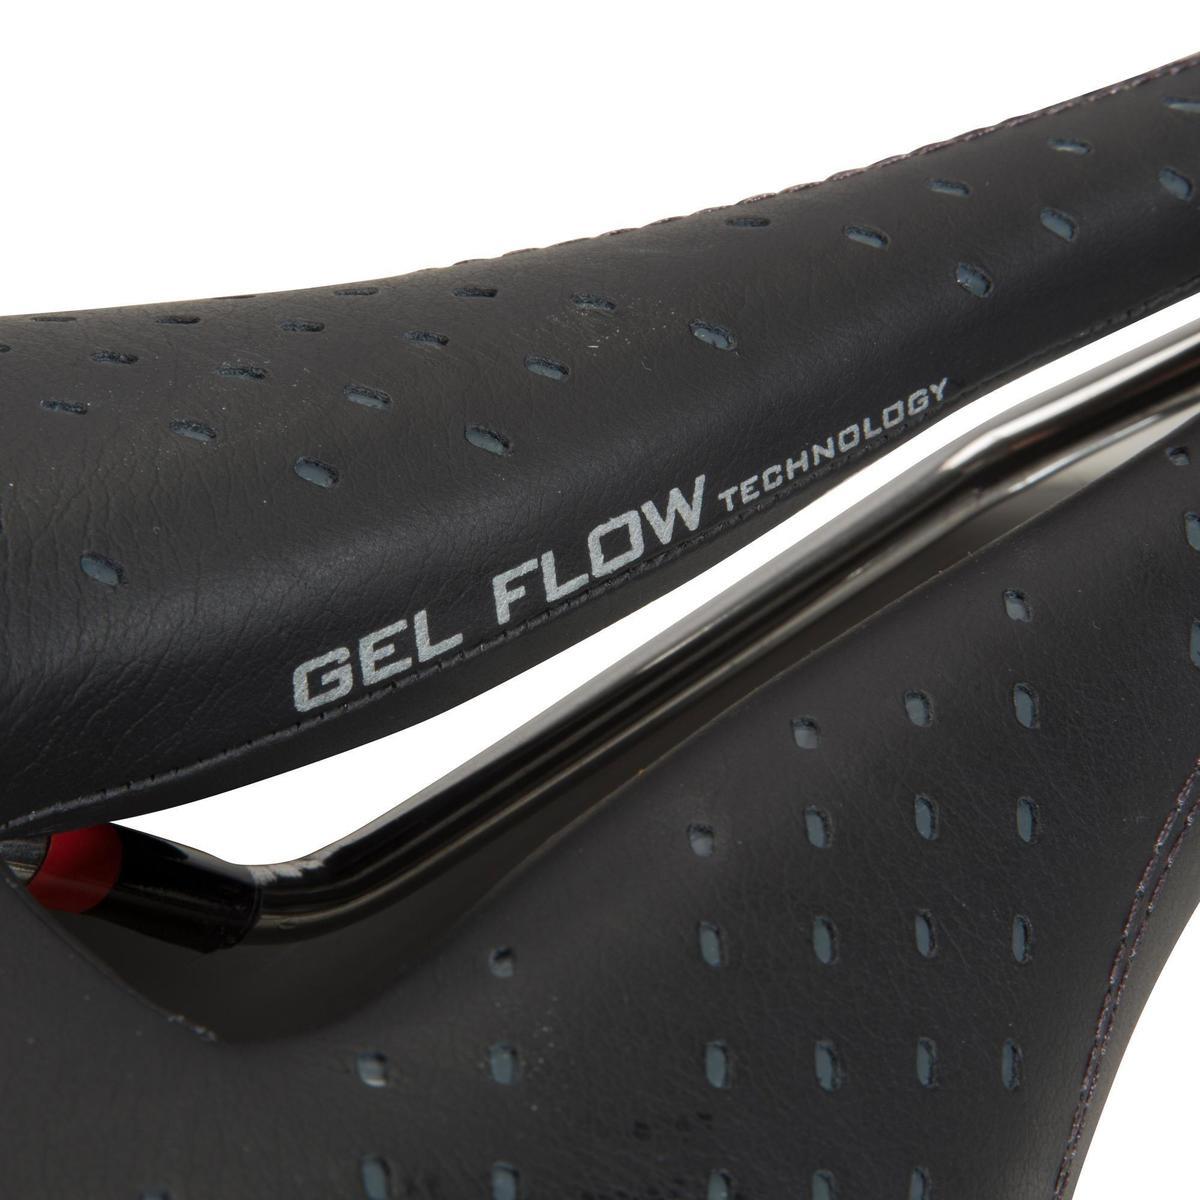 Bild 3 von Fahrradsattel Corsa FLX Gel Flow